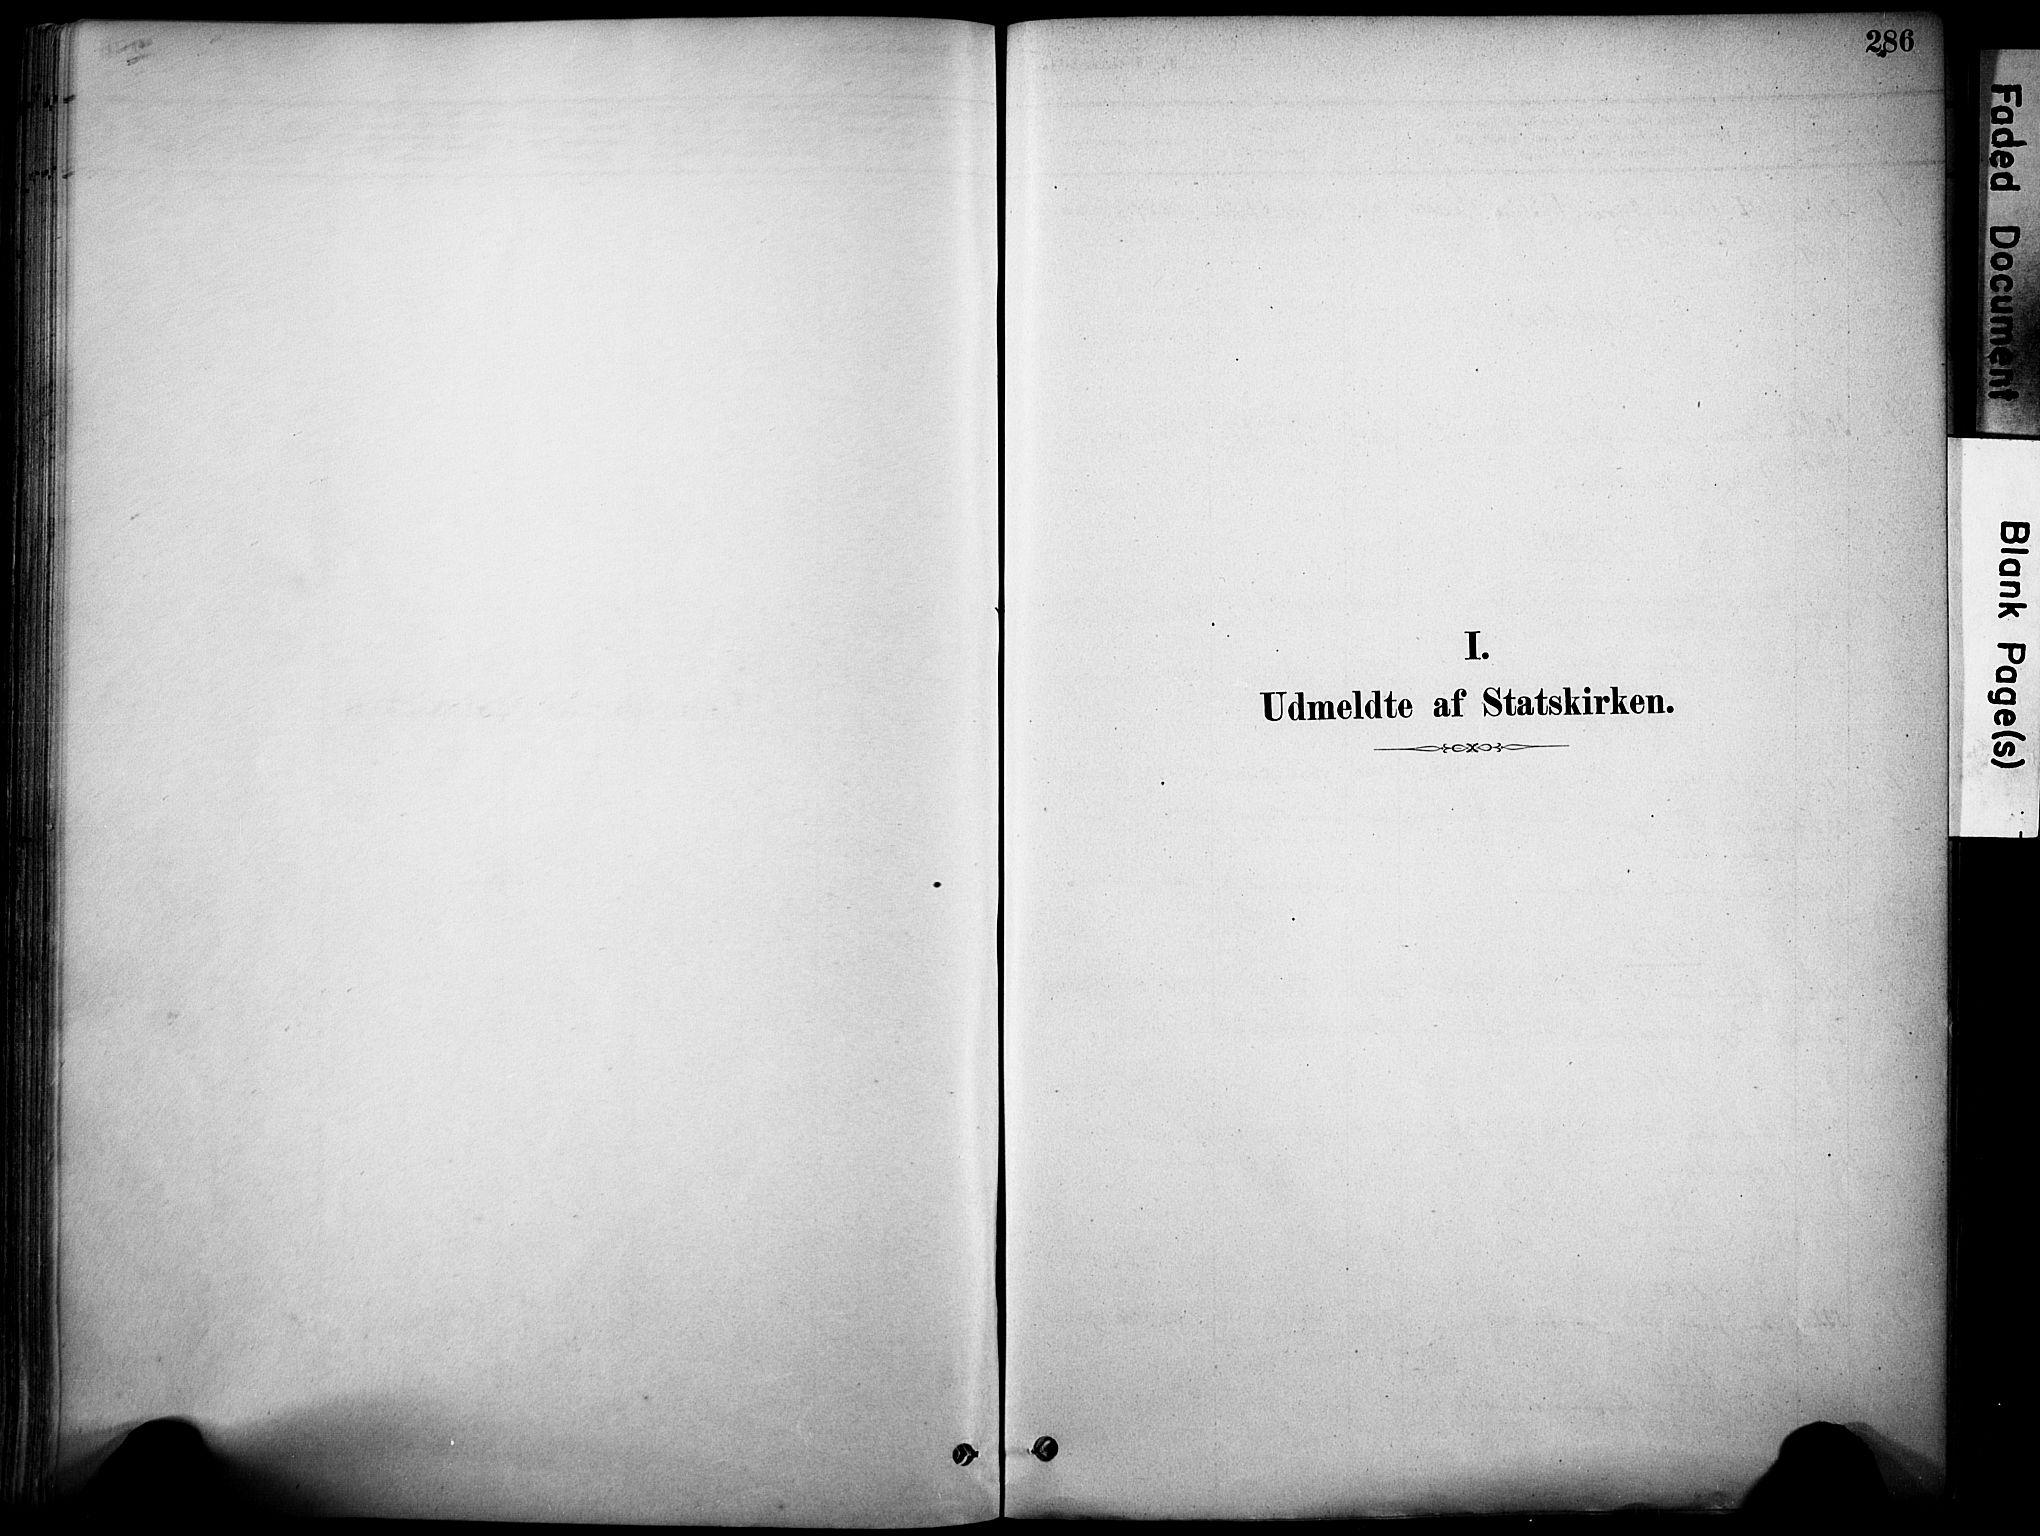 SAKO, Sandefjord kirkebøker, F/Fa/L0002: Ministerialbok nr. 2, 1880-1894, s. 286